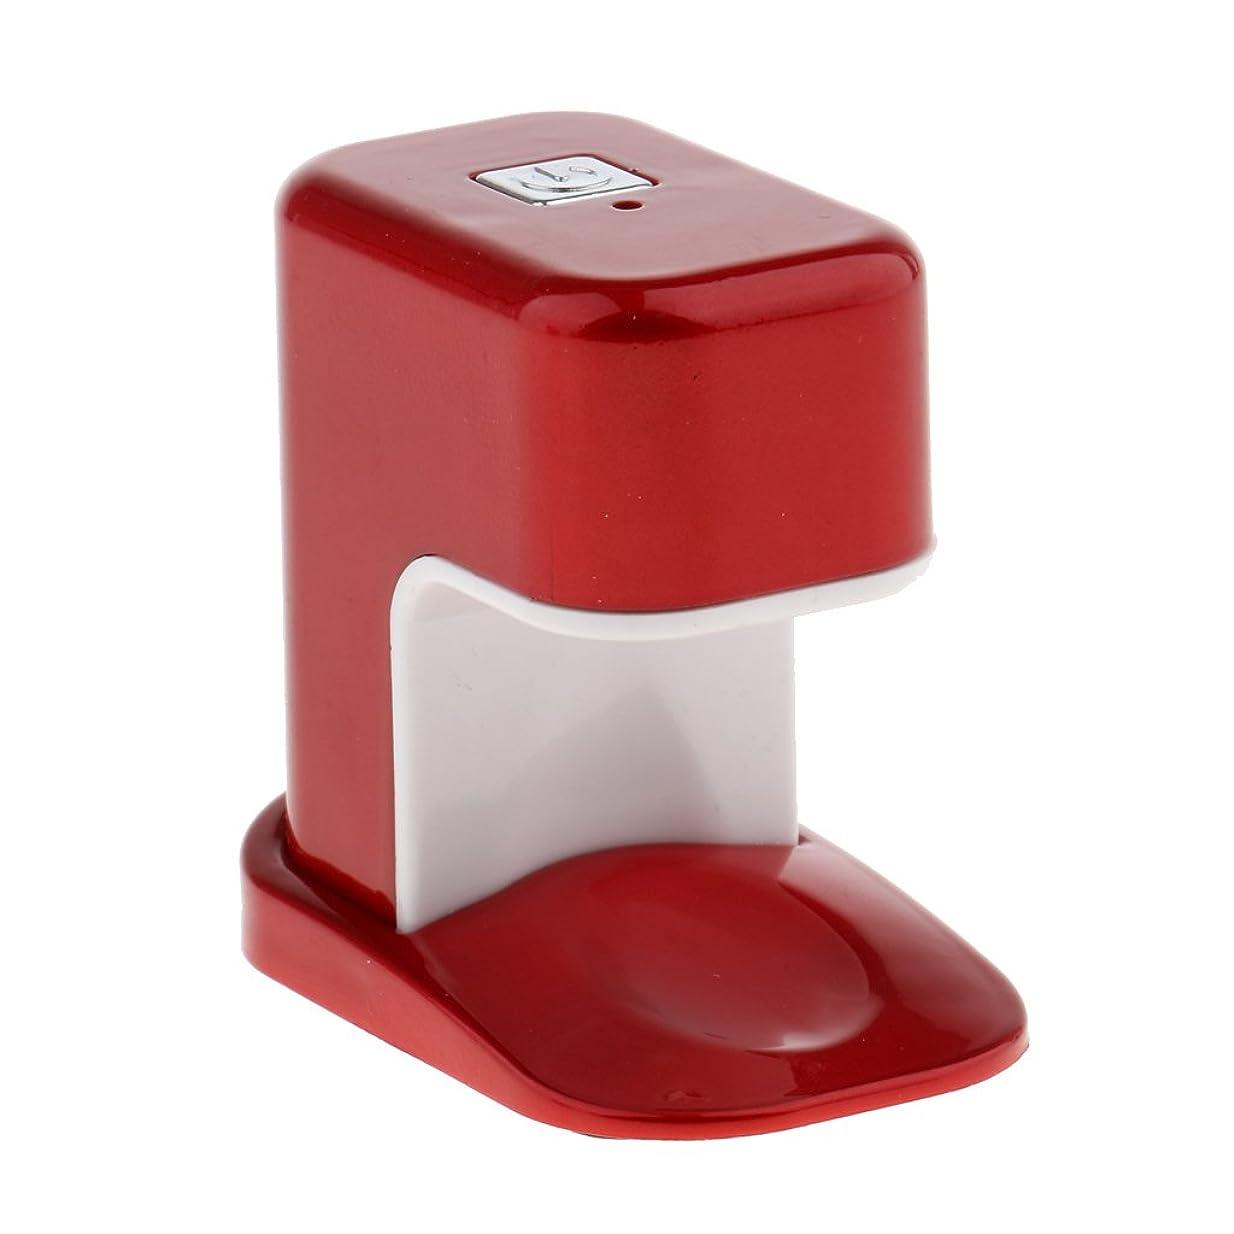 神話合理的十分ではないFenteer ネイルドライヤー USBケーブル ミニ ABS製 3W  LED電球 ランプ ポケット アクリル UV マニキュアドライヤー 3タイプ選べ - 赤